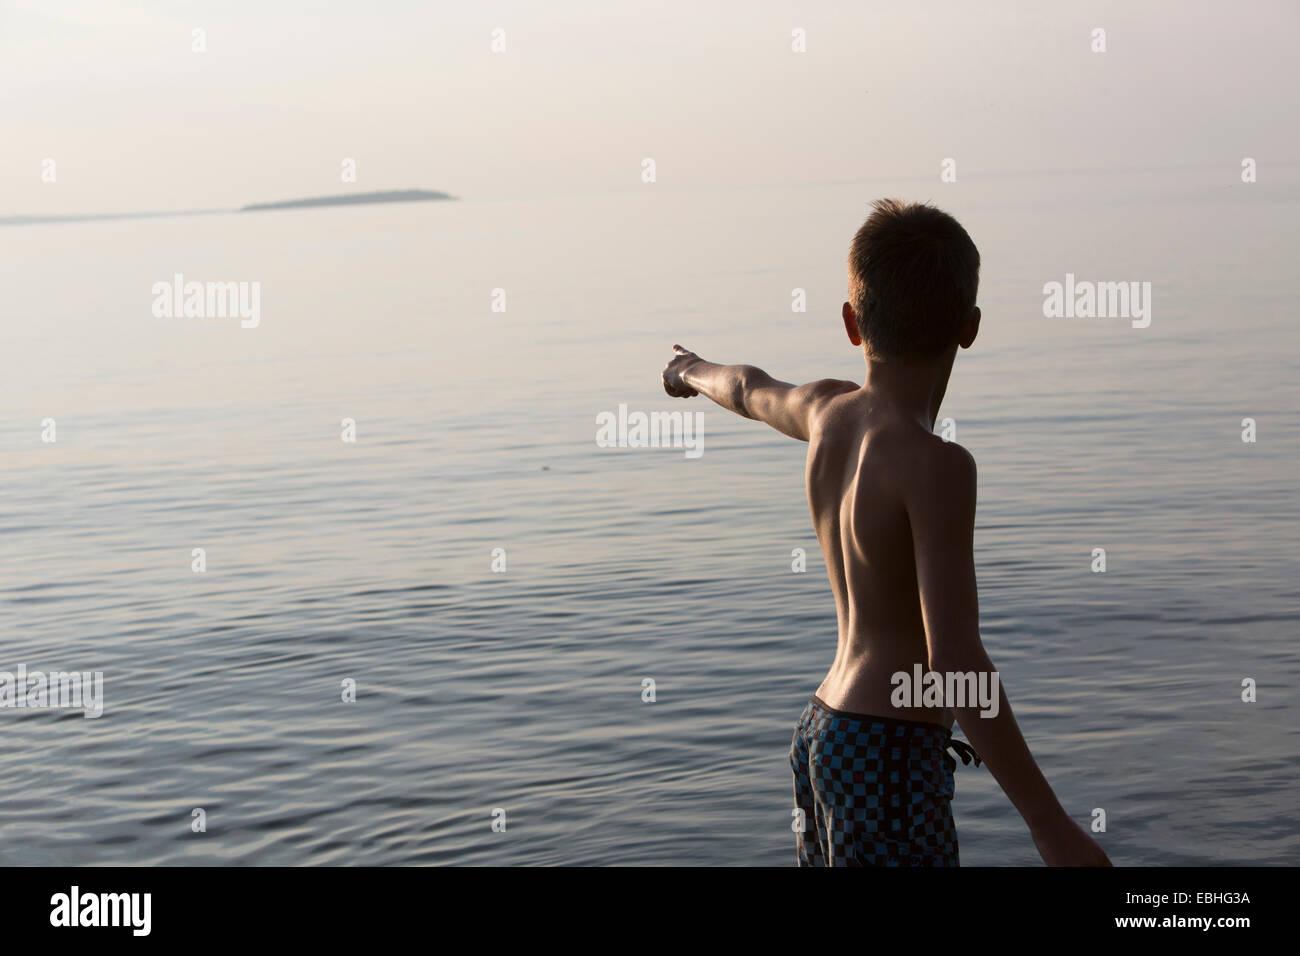 Adolescente apuntando, el Lago Superior, Au Train Bay, Michigan, EE.UU. Foto de stock